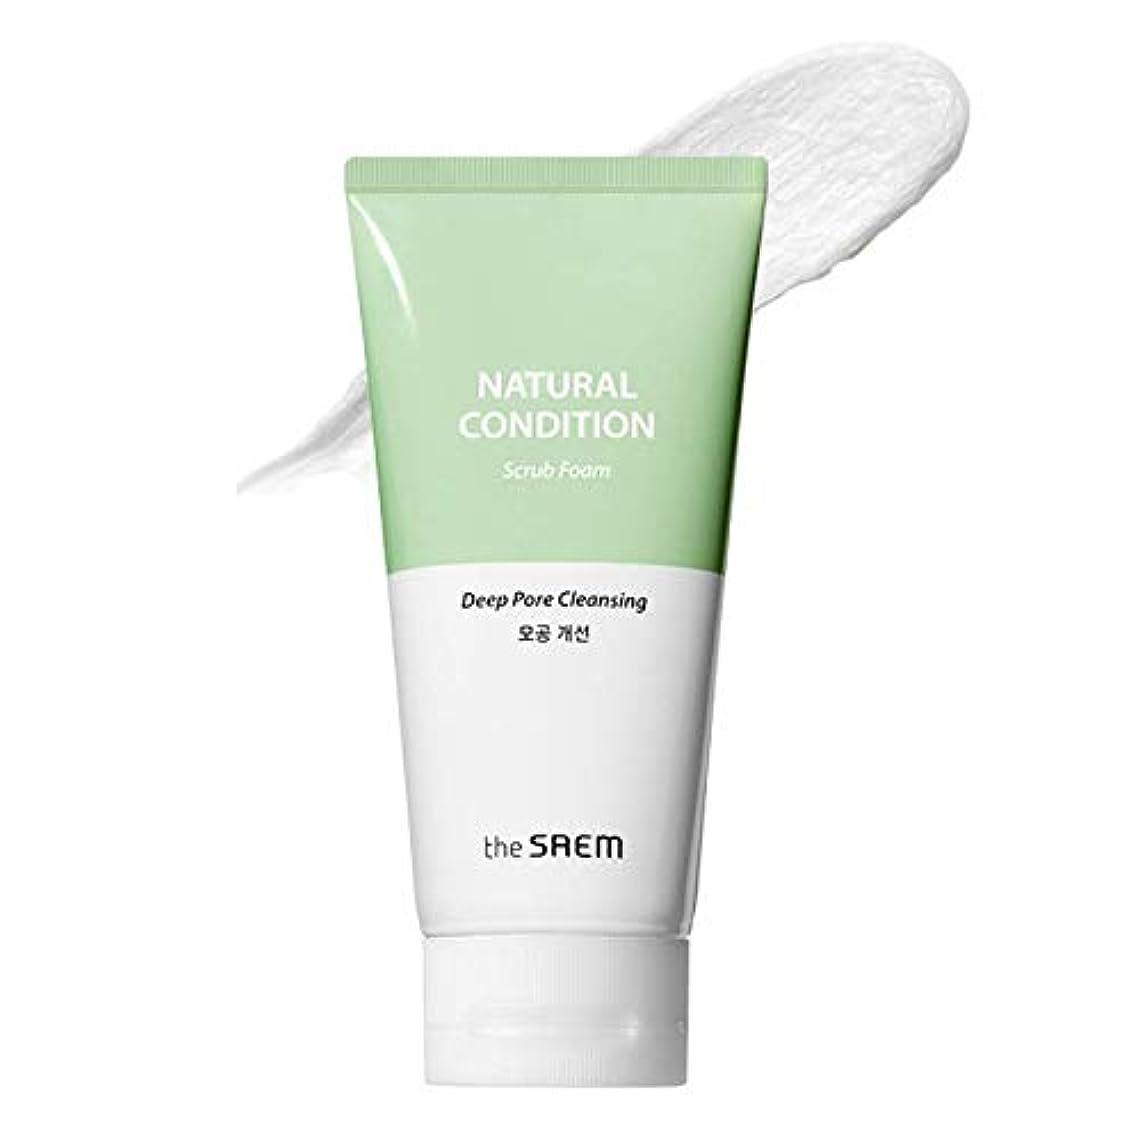 化学者補う理解The Saem Natural Condition Scrub Foam [Deep pore cleansing] / ザセム ナチュラルコンディションスクラブフォーム[毛穴改善] [並行輸入品]